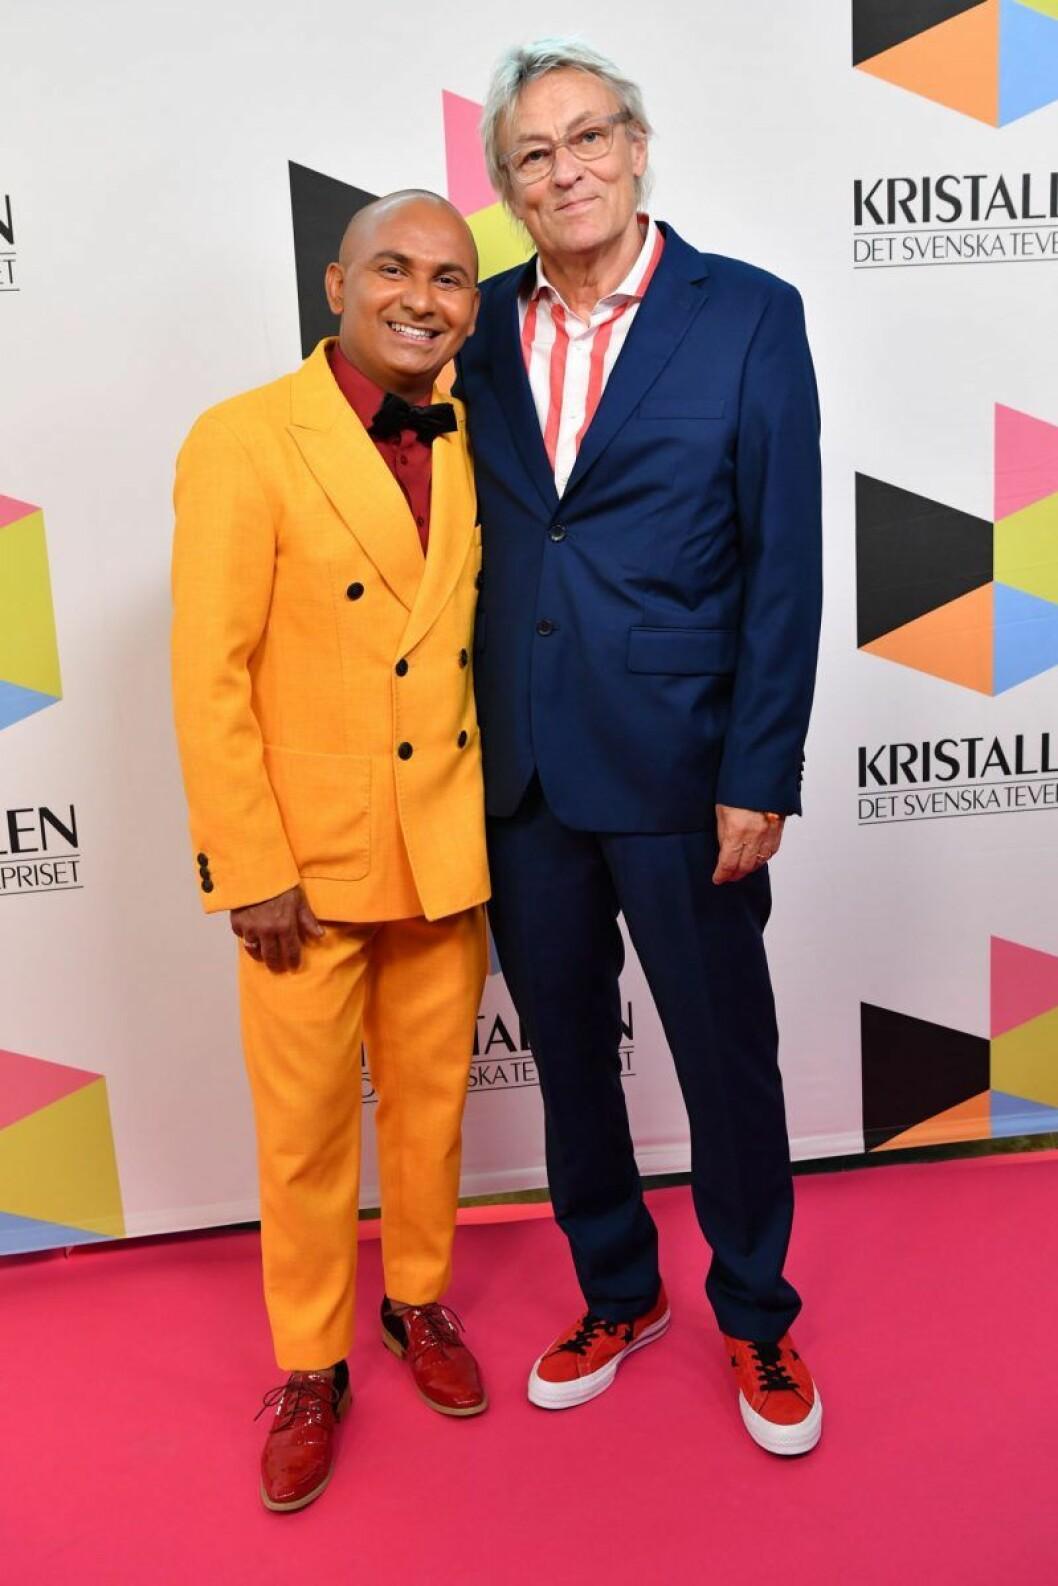 Lars Lerin och Manoel Marques på röda mattan på Kristallen 2019